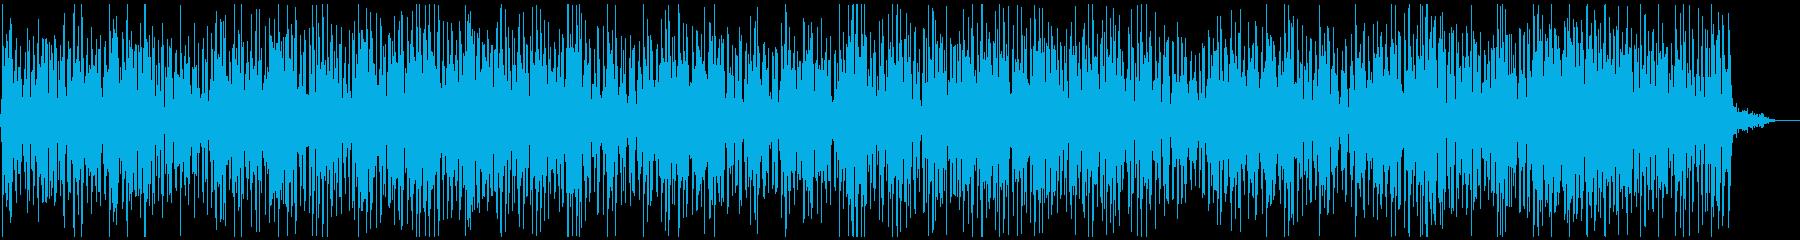 かわいいウクレレポップの再生済みの波形